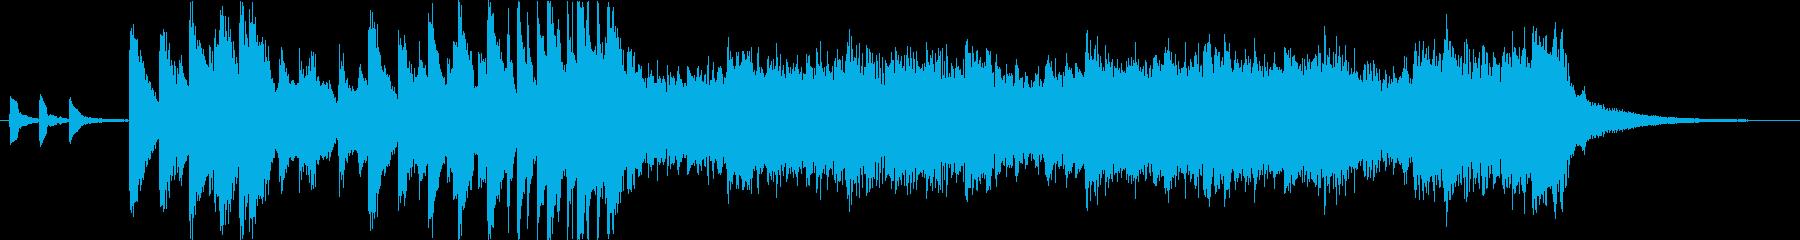 可愛らしいオープニングジングルの再生済みの波形